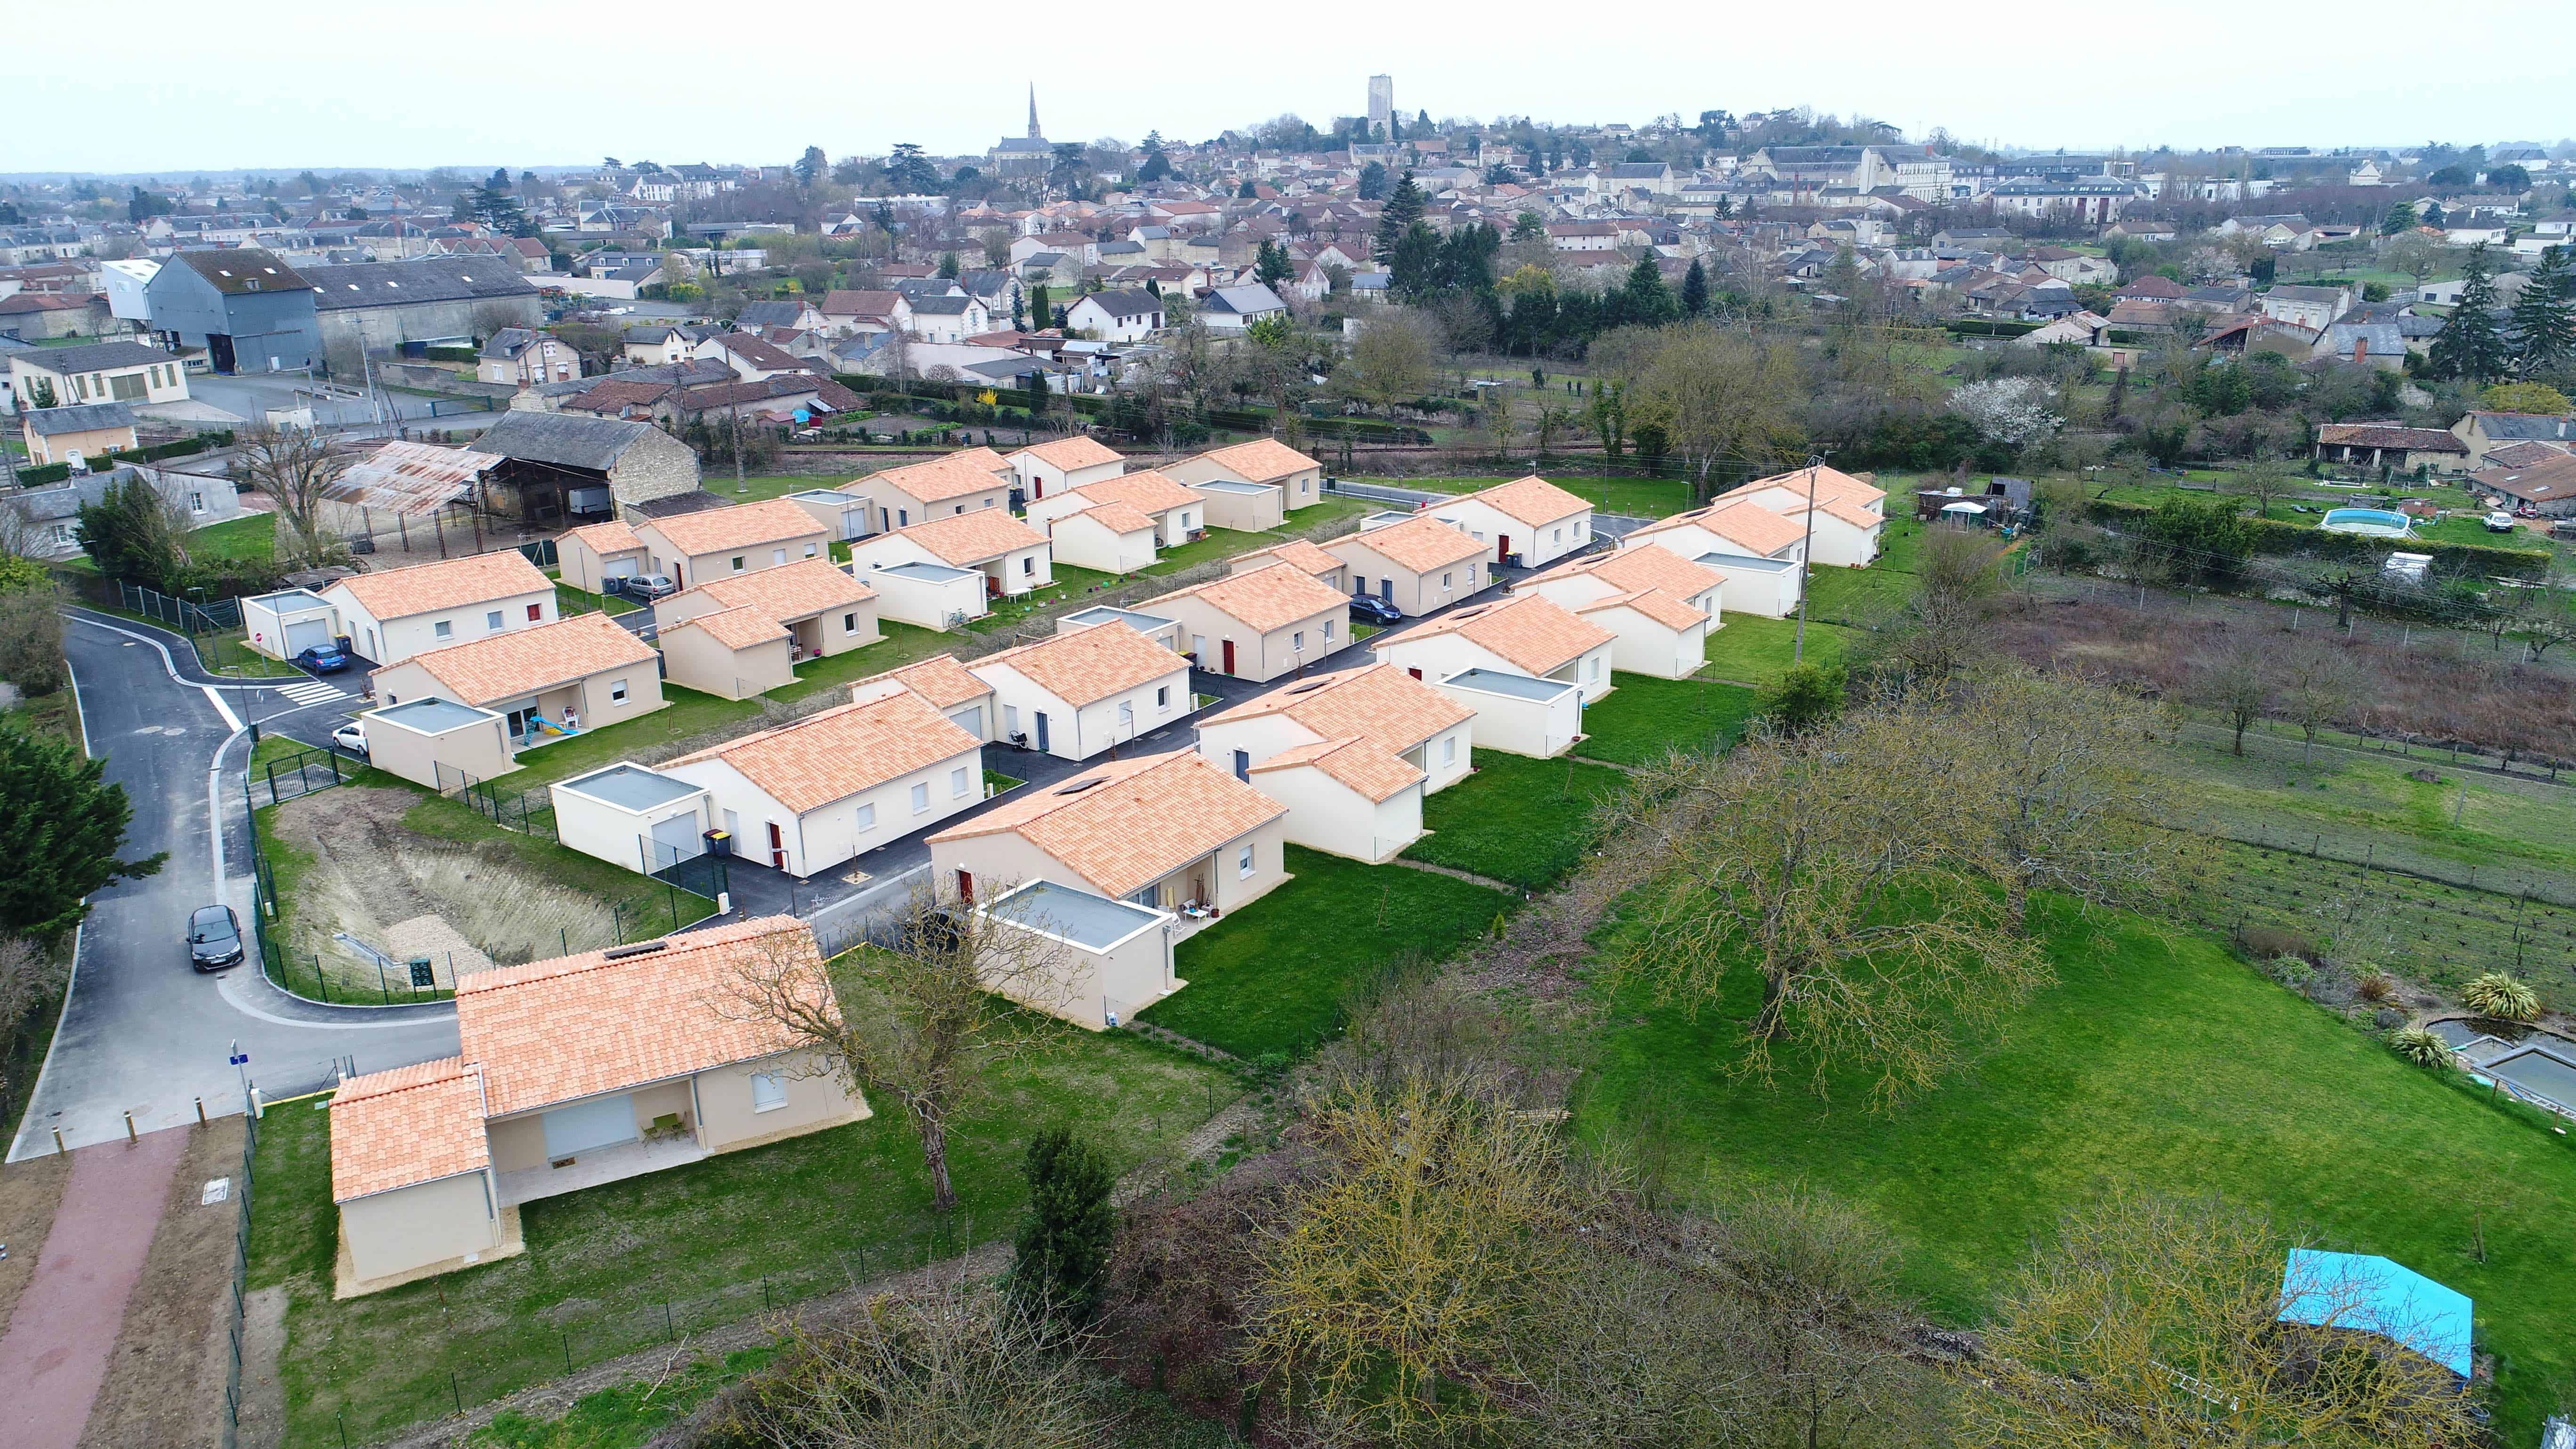 Images de lotissements pour habitat de la vienne drone for Habitat de la vienne chatellerault